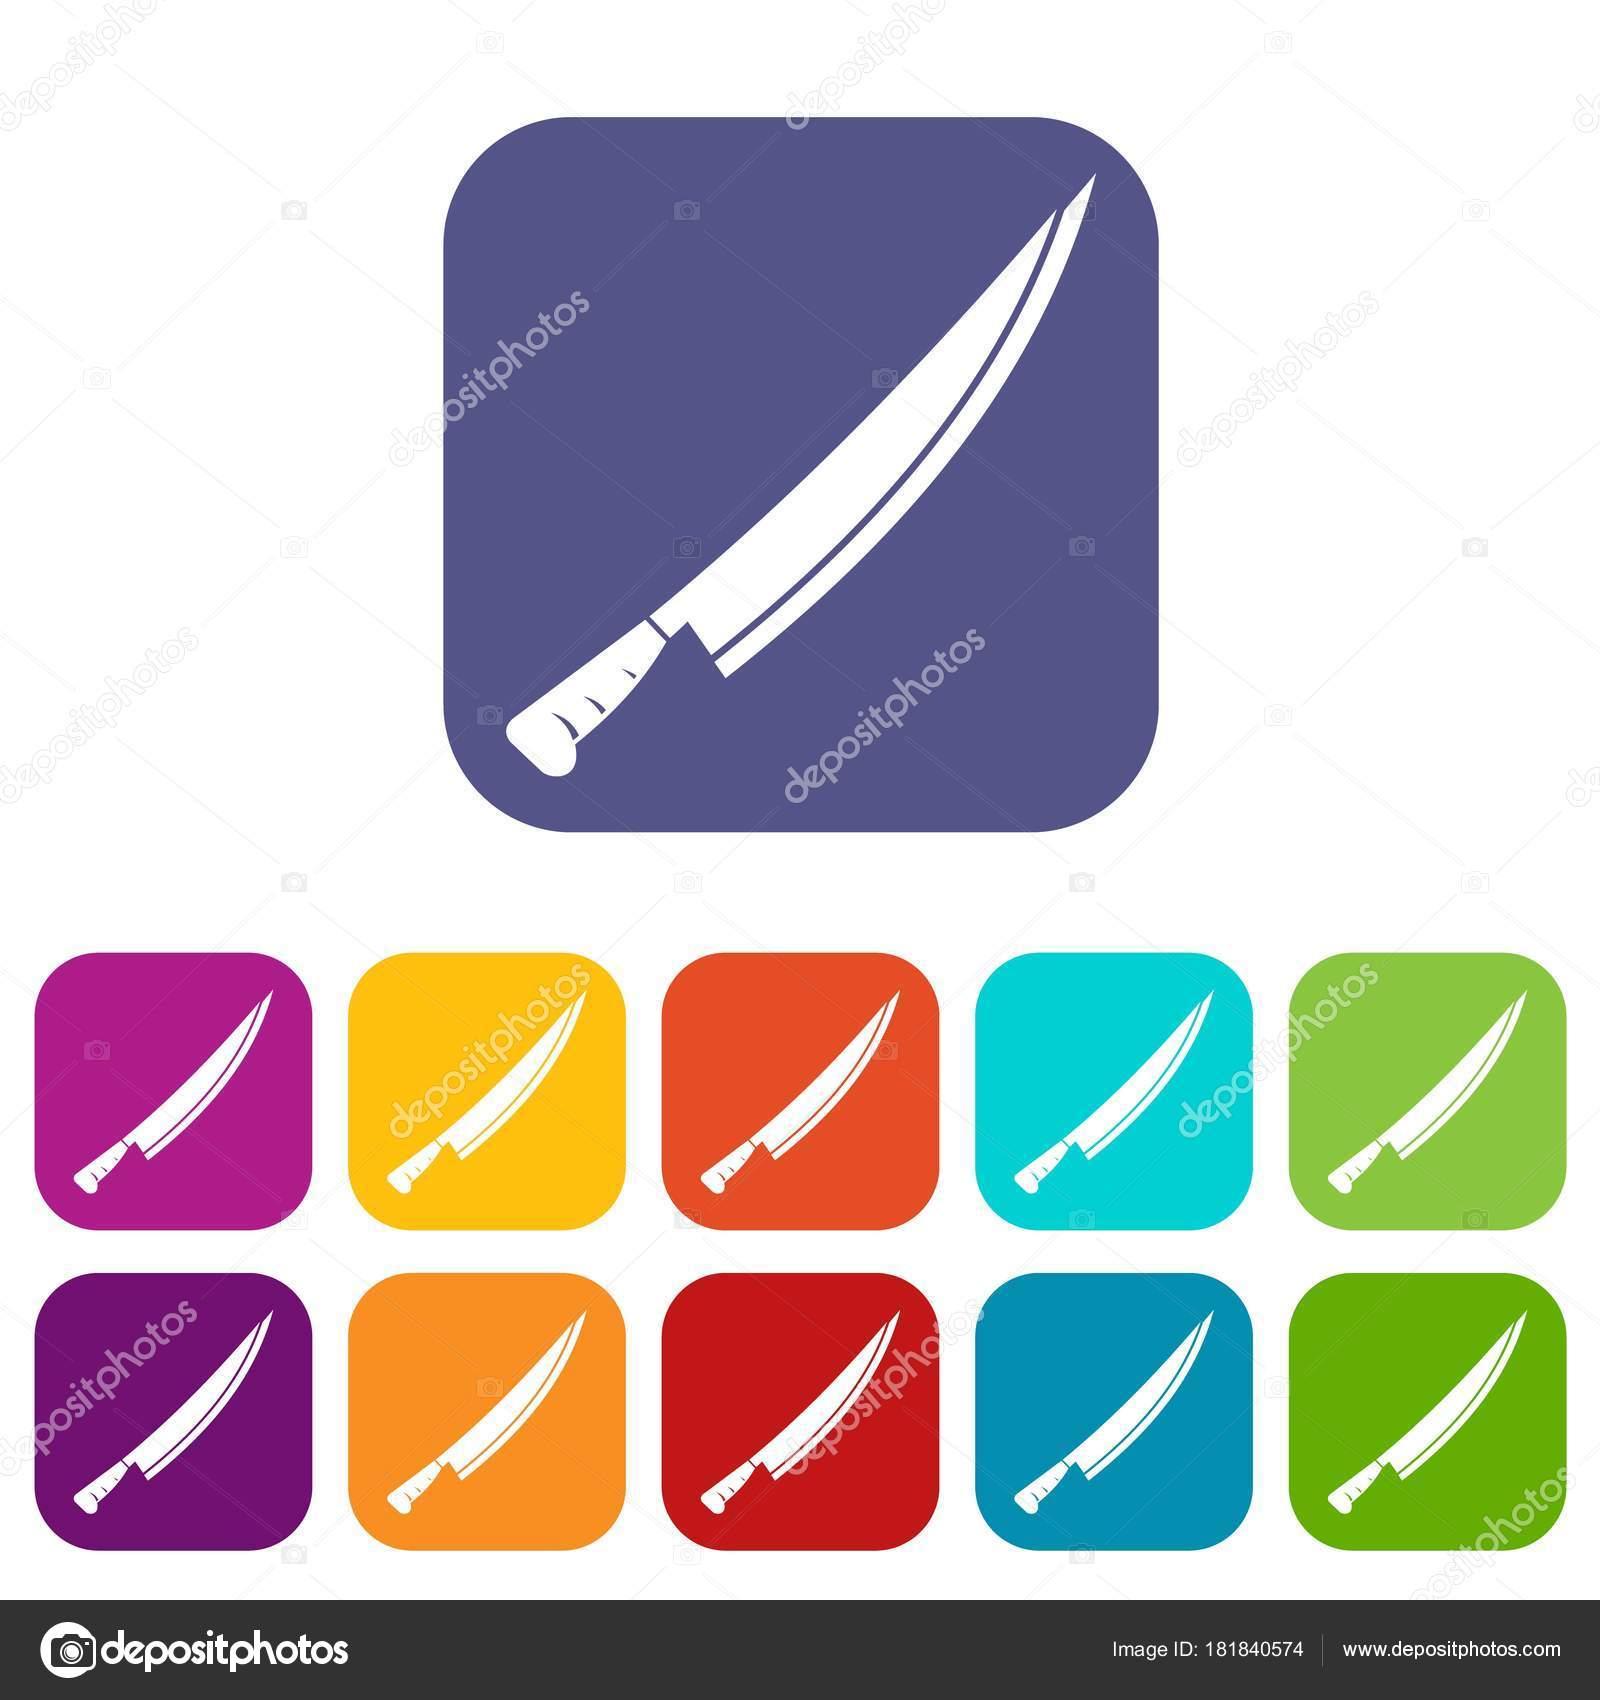 de31a49145 Ícones de faca comprida conjunto ilustração vetorial em estilo simples nas  cores vermelho, azul, verde e outras — Vetor de ...